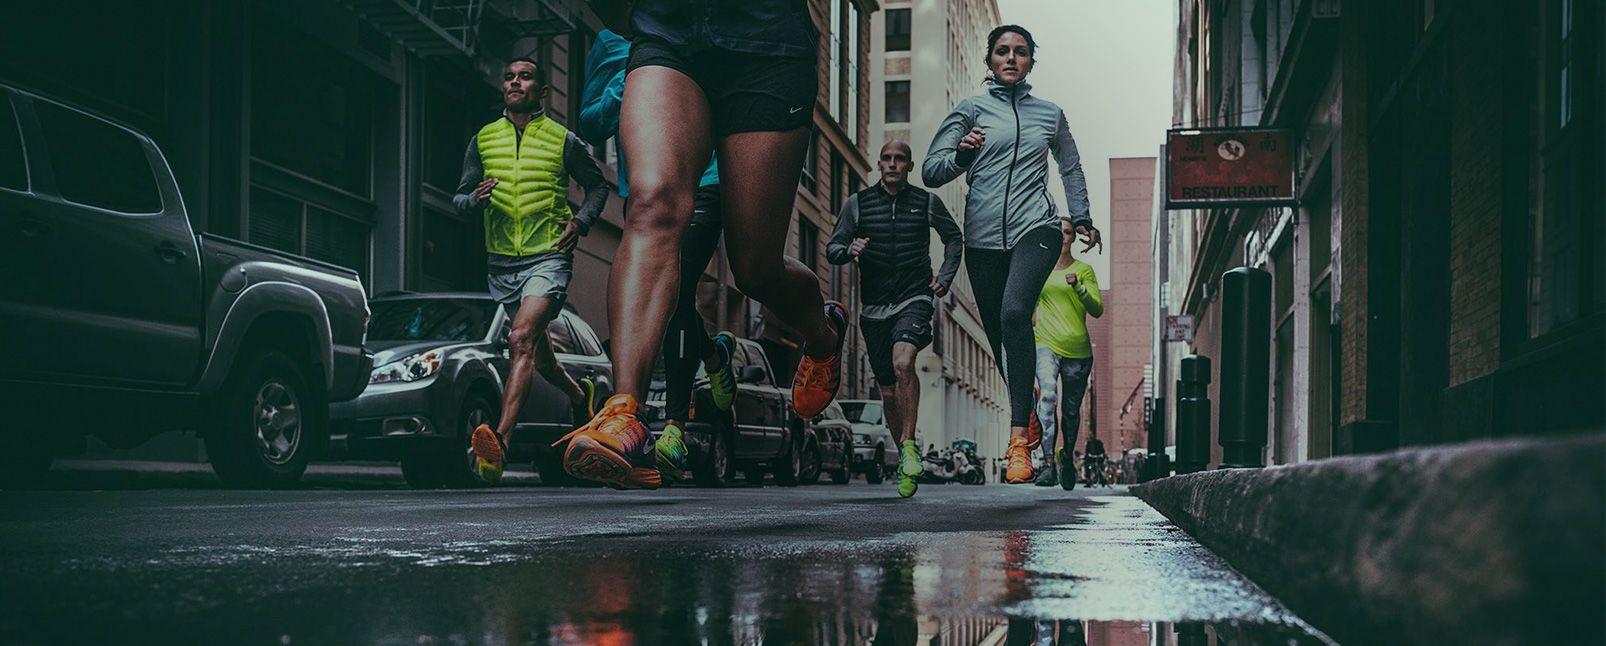 La missione di Nike, Inc.